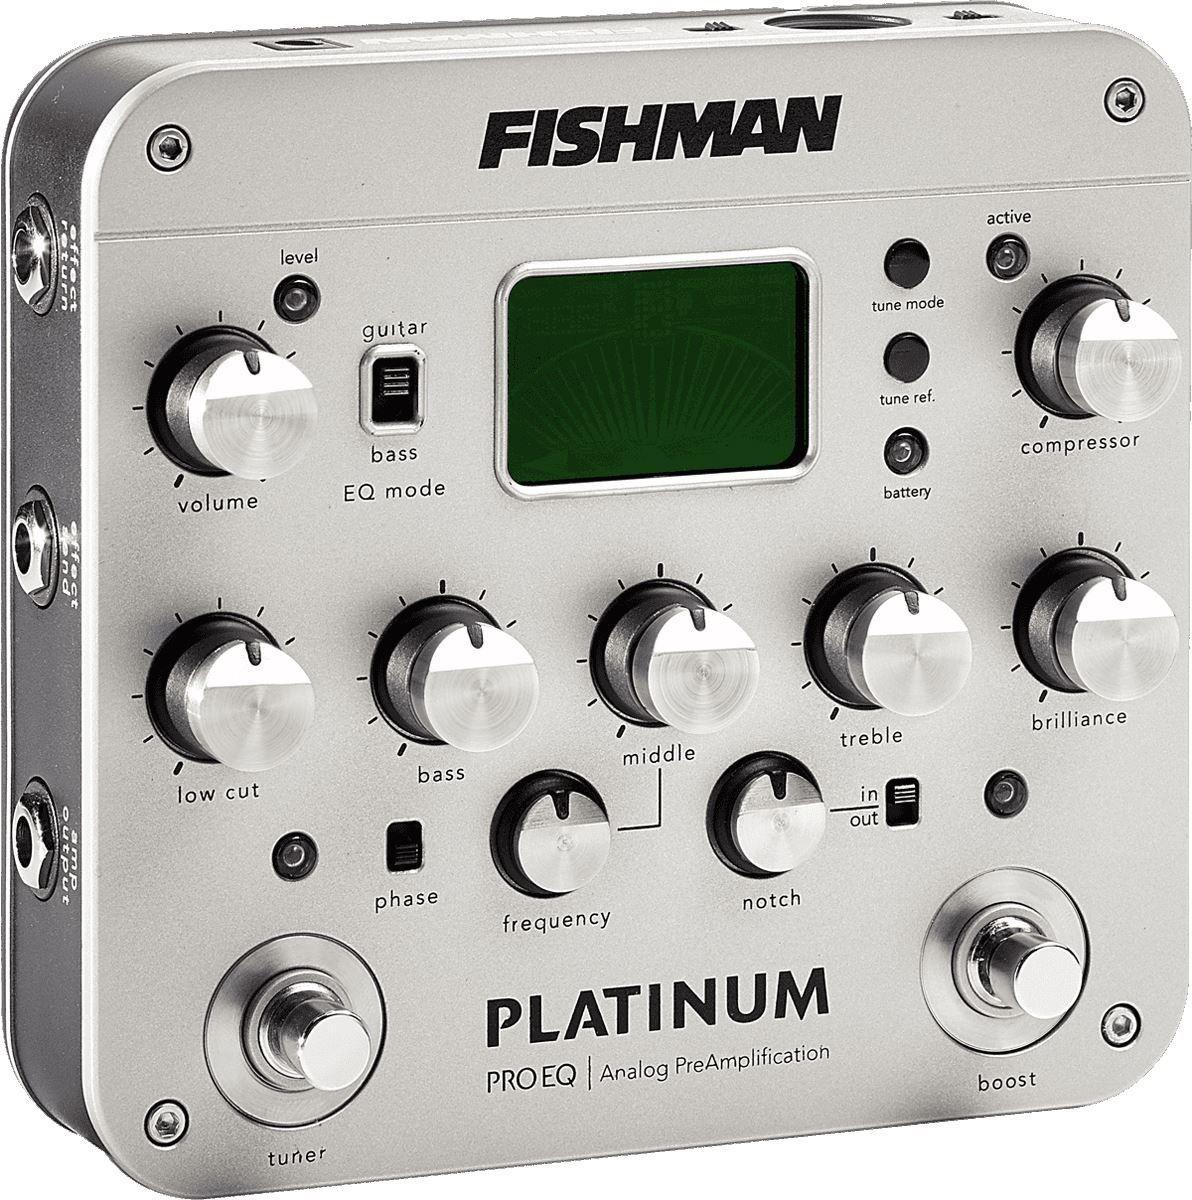 Fishman Platinum Pro EQ/DI Analog Preamp - Flatåsen  - Selger en pent brukt Fishman Platinum Pro EQ/DI Analog Preamp. Fungerer 100% som den skal. Og er en fryd å jobbe med om man spiller akustisk my live og studio. Tuner er nøyaktig. Notch-fiilter er veldig hendig om man vil få frem gitaren i - Flatåsen